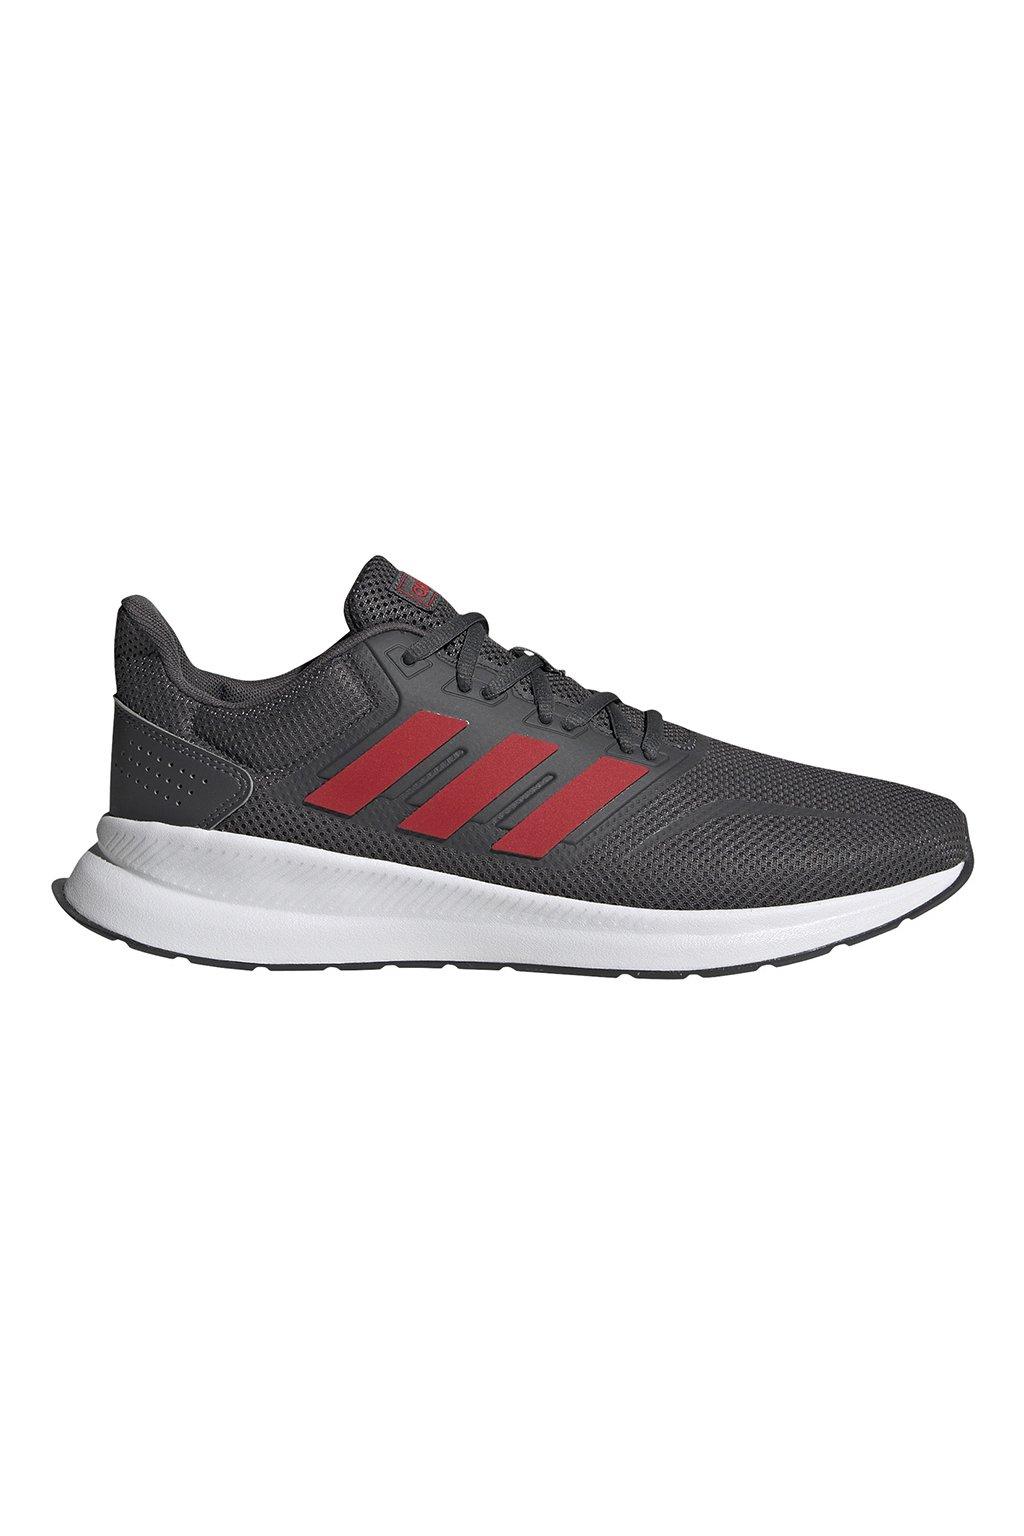 Pánske tenisky adidas Runfalcon šedo-červené EG8602